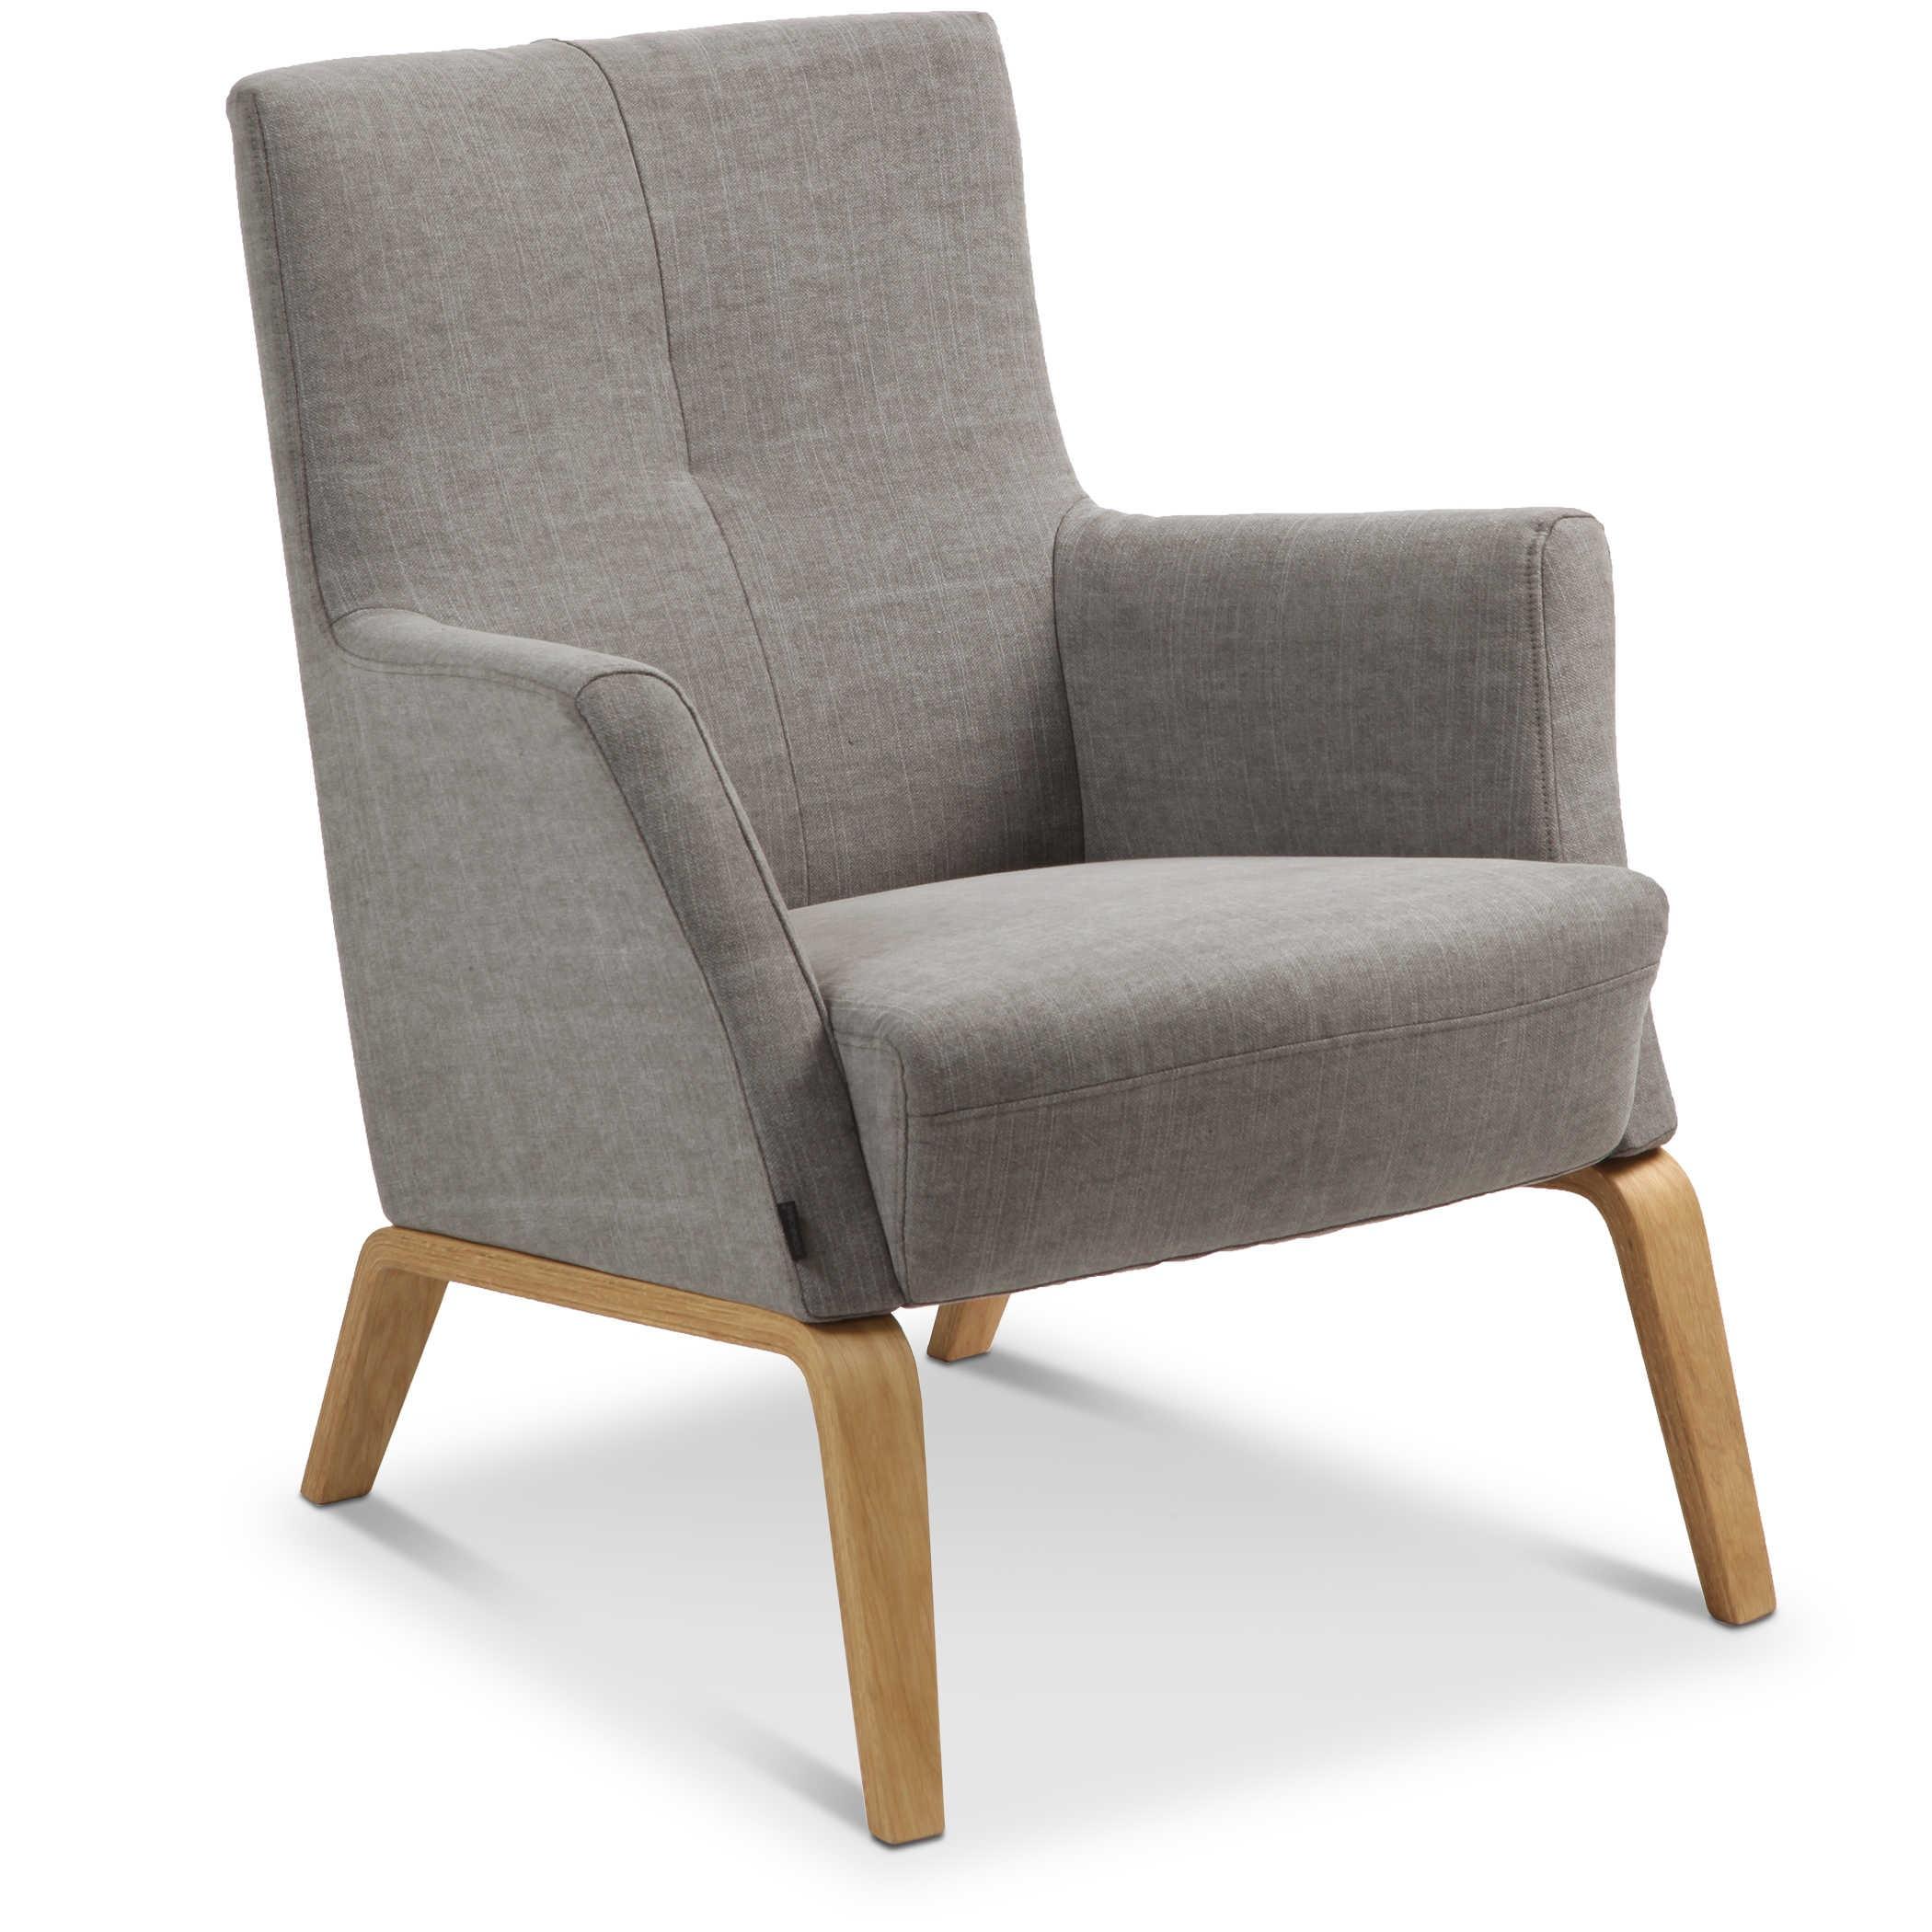 conform sessel mia braun stoff online kaufen bei woonio. Black Bedroom Furniture Sets. Home Design Ideas